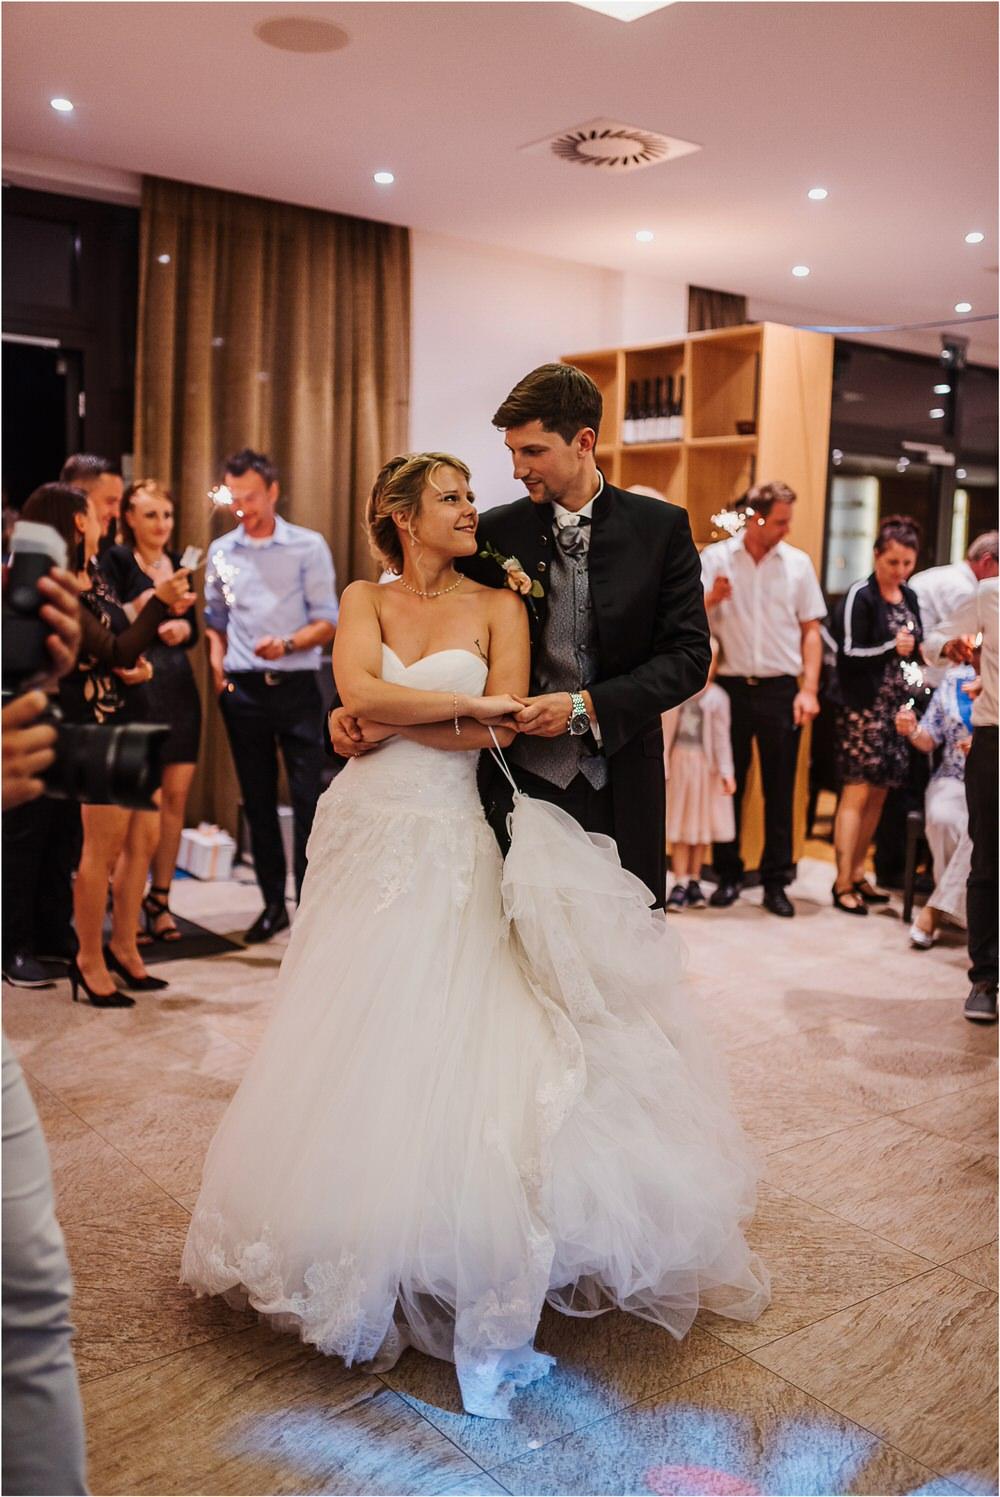 trippelgut kaernten oesterreich hochzeit fotograf phtoographer austria elegant wedding hochzeitsfotograf hochzeitsfotografie 0123.jpg